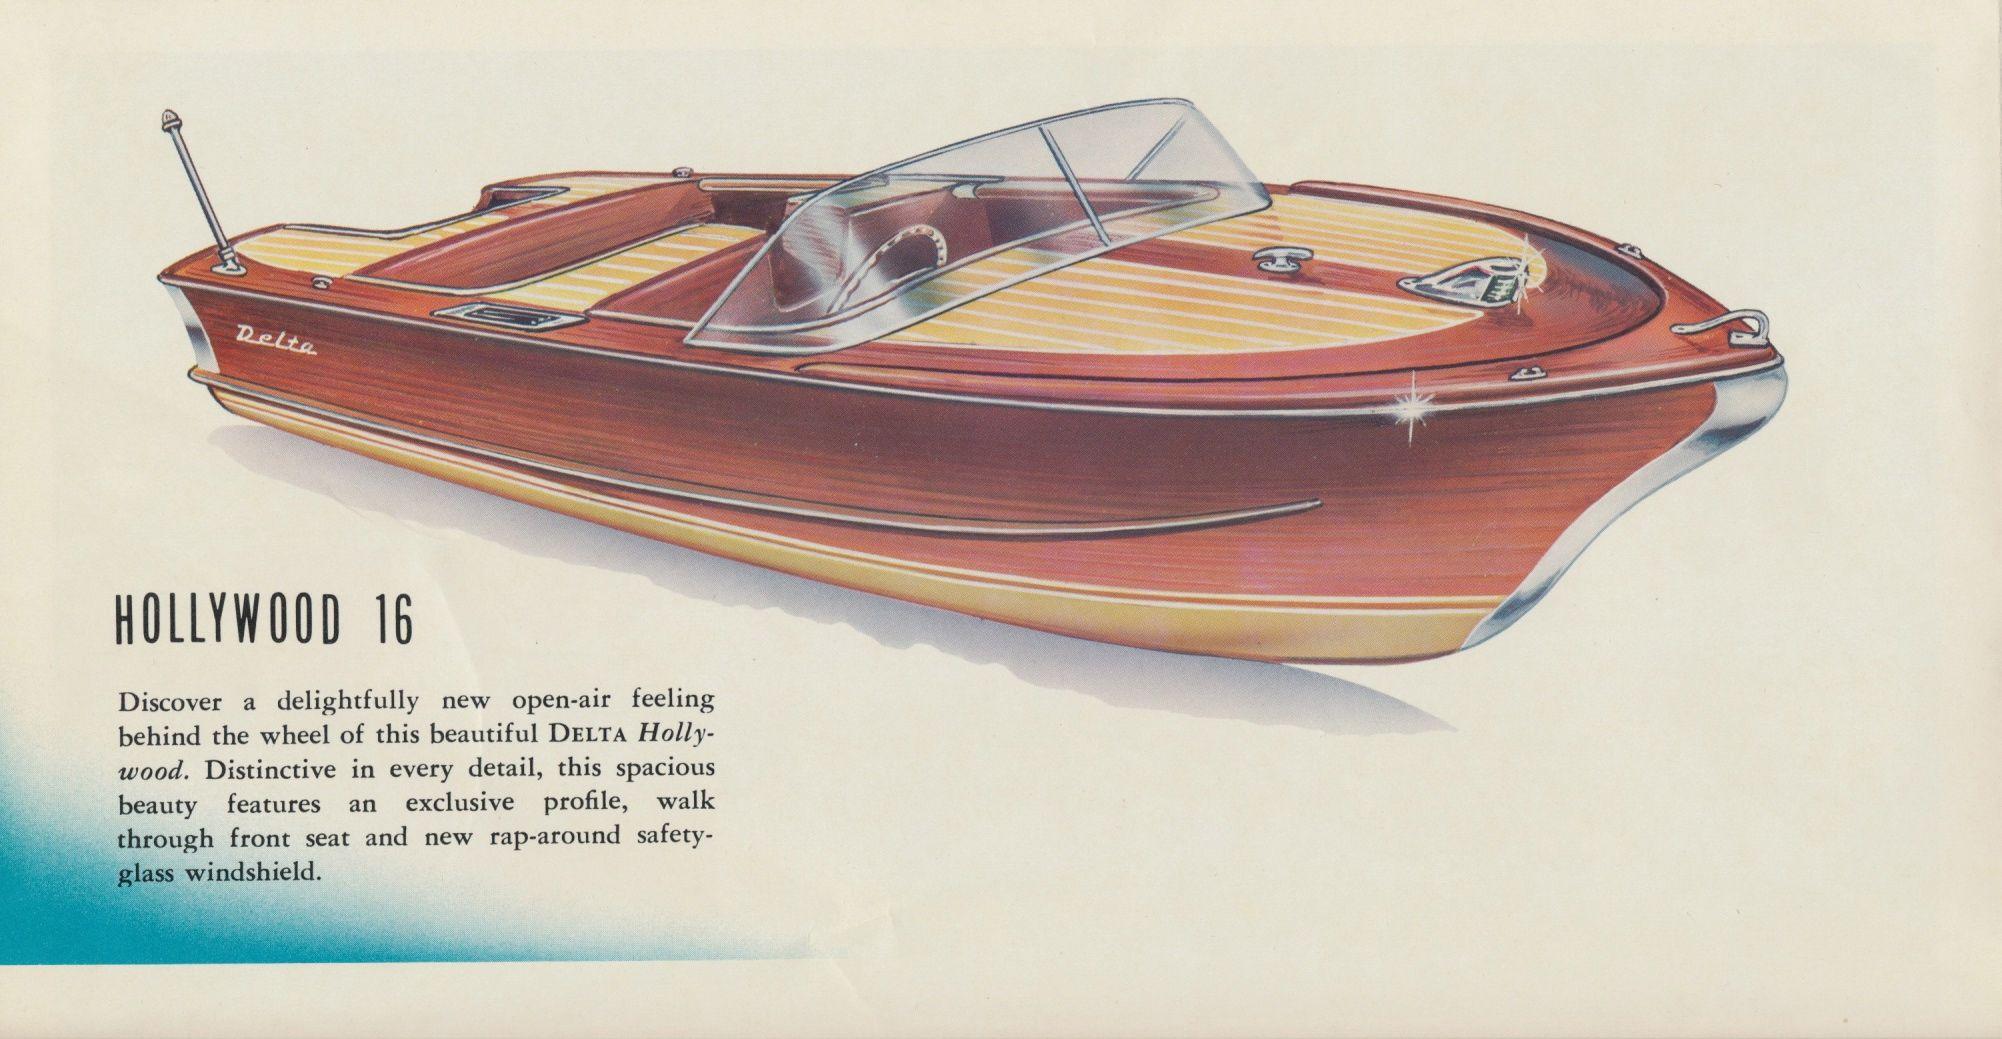 1959 sales brochure Mahogany boat, Classic wooden boats